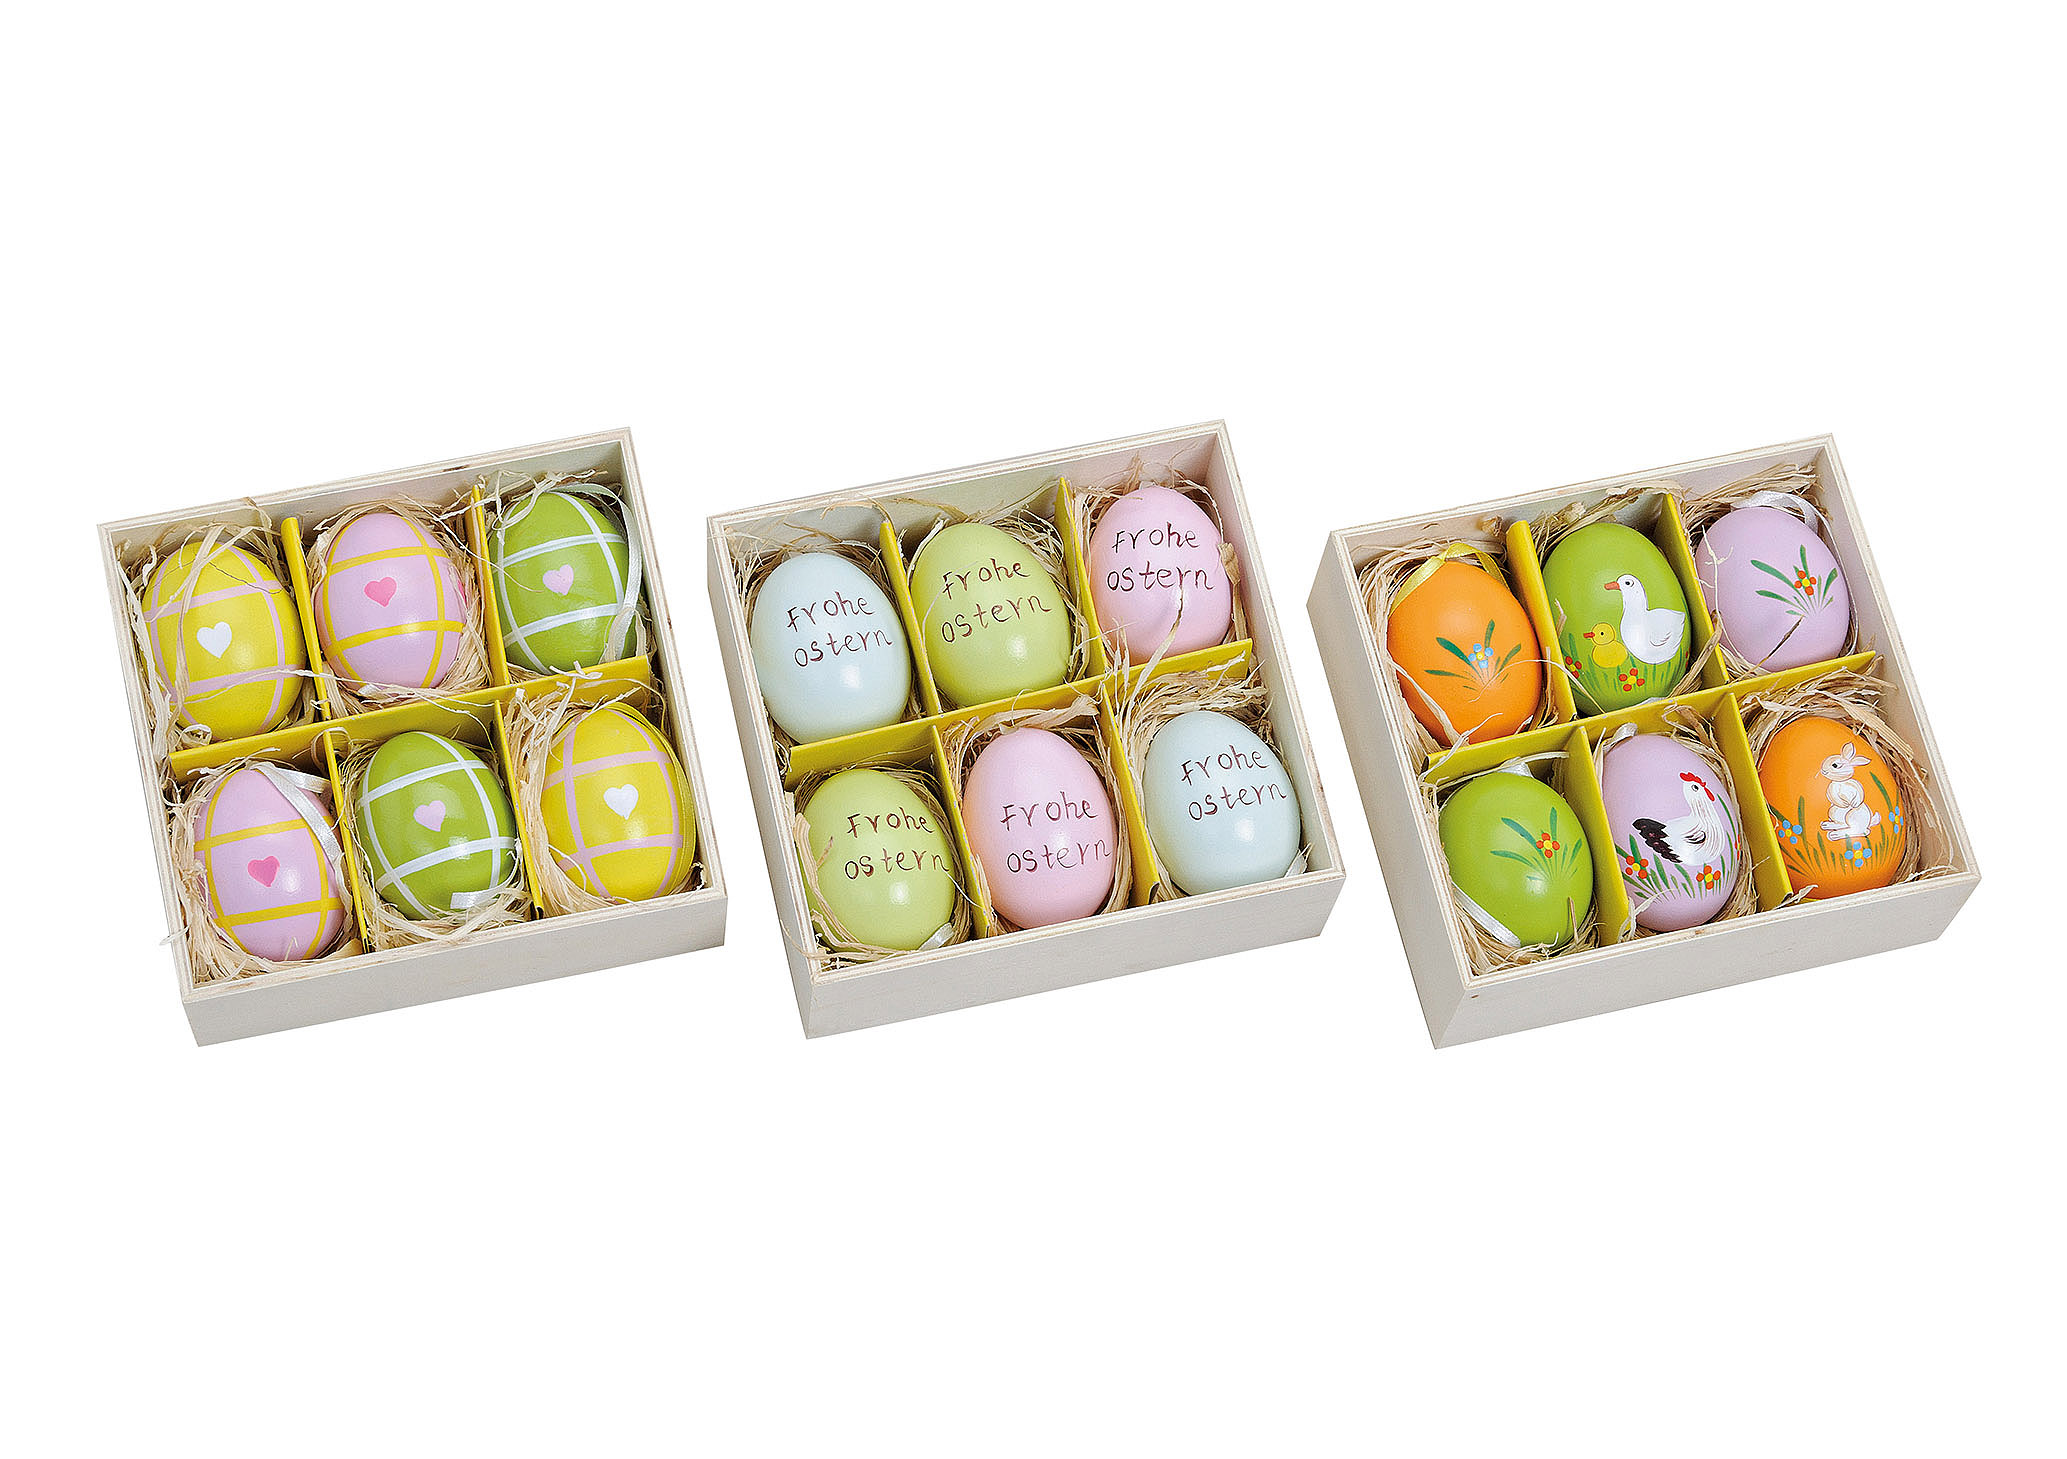 šest závěsných vajíček 4x6x4 cm v krabičce - 3 druhy